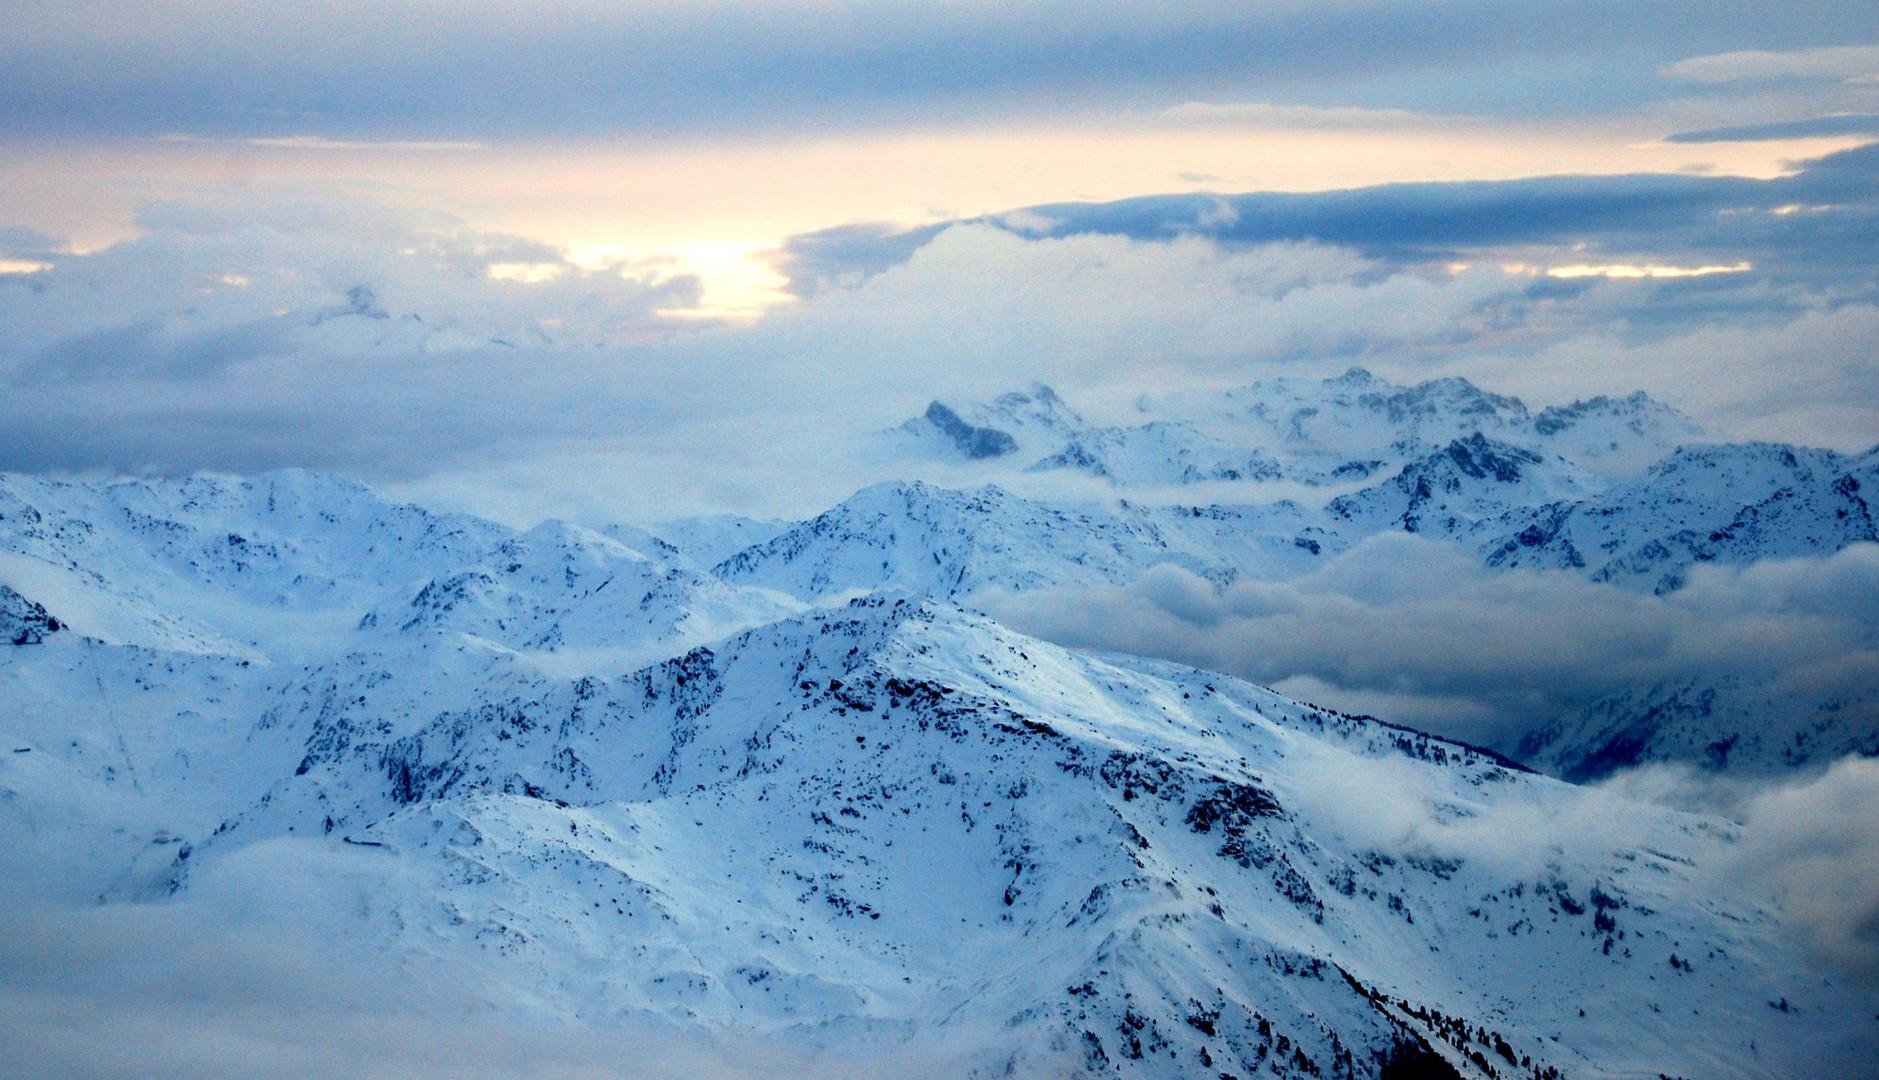 Flug Wien Innsbruck Foto Bild Europe österreich World Bilder